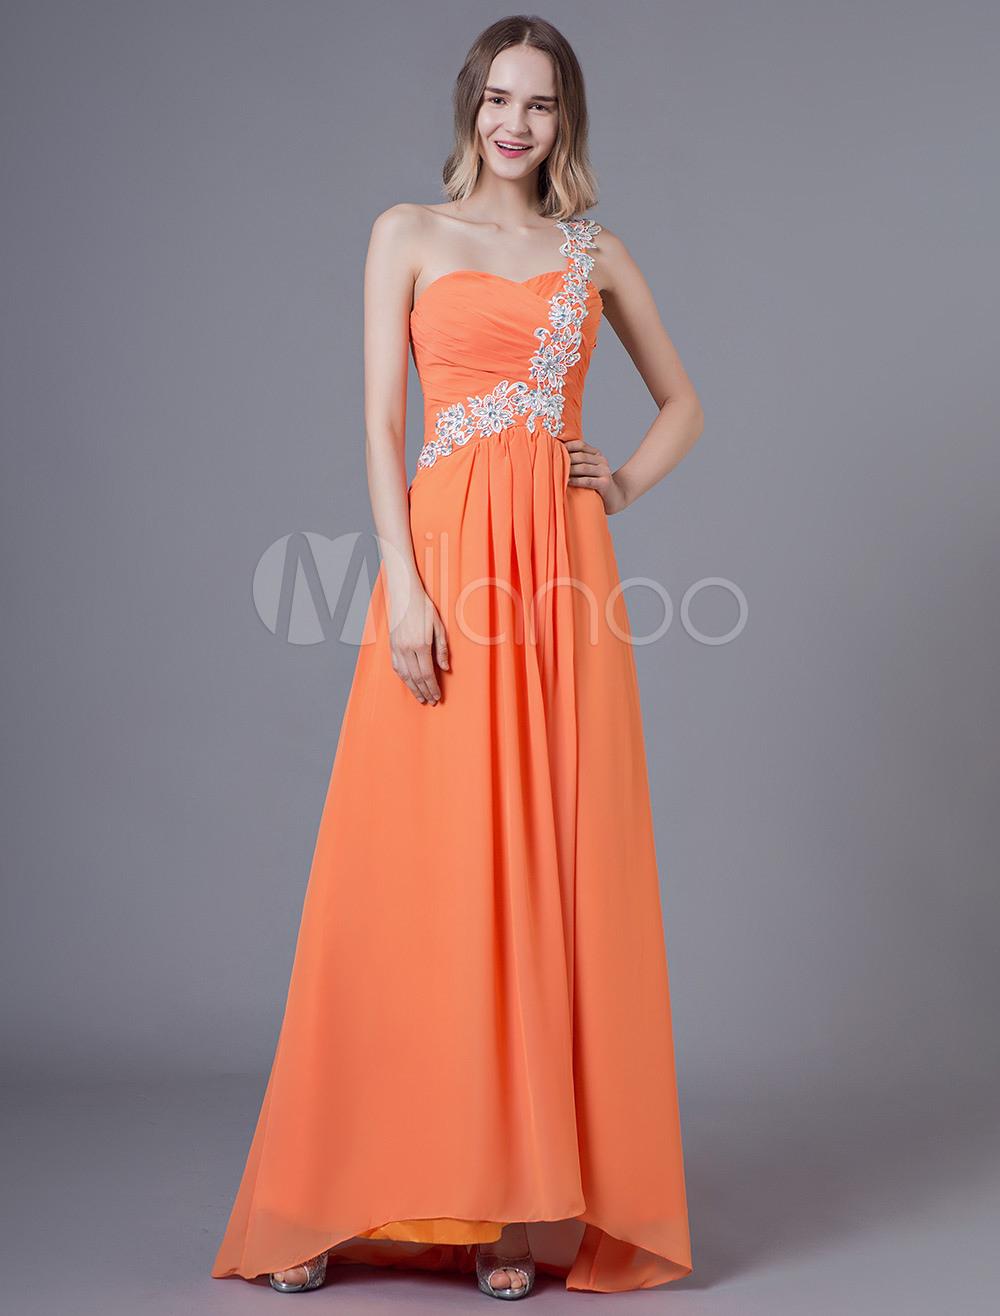 Ballkleider A-Linie- Ball Kleider Orange Hochzeit Chiffon Abschlusskleider  Ärmellos Formelle Kleider Herz-Ausschnitt Mit Schnürung Und Schleppe